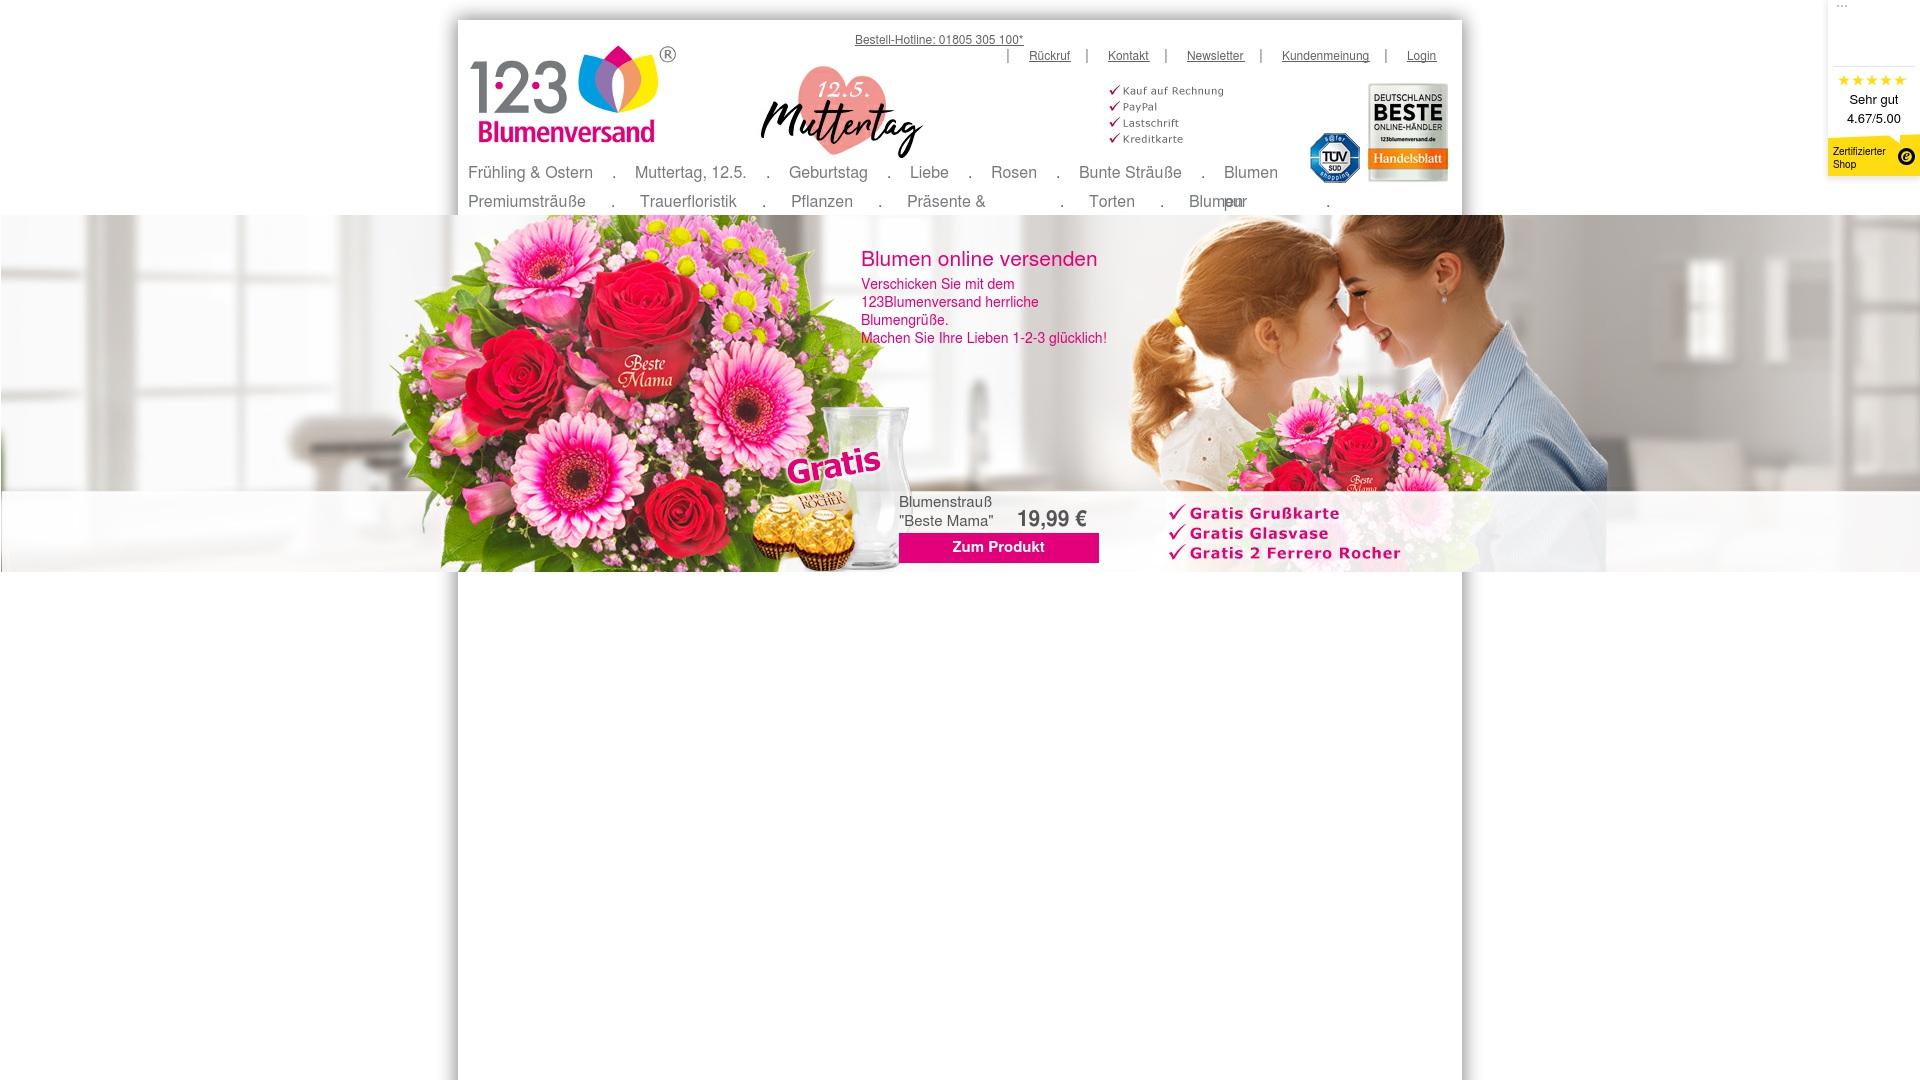 Gutschein für 123blumenversand: Rabatte für  123blumenversand sichern